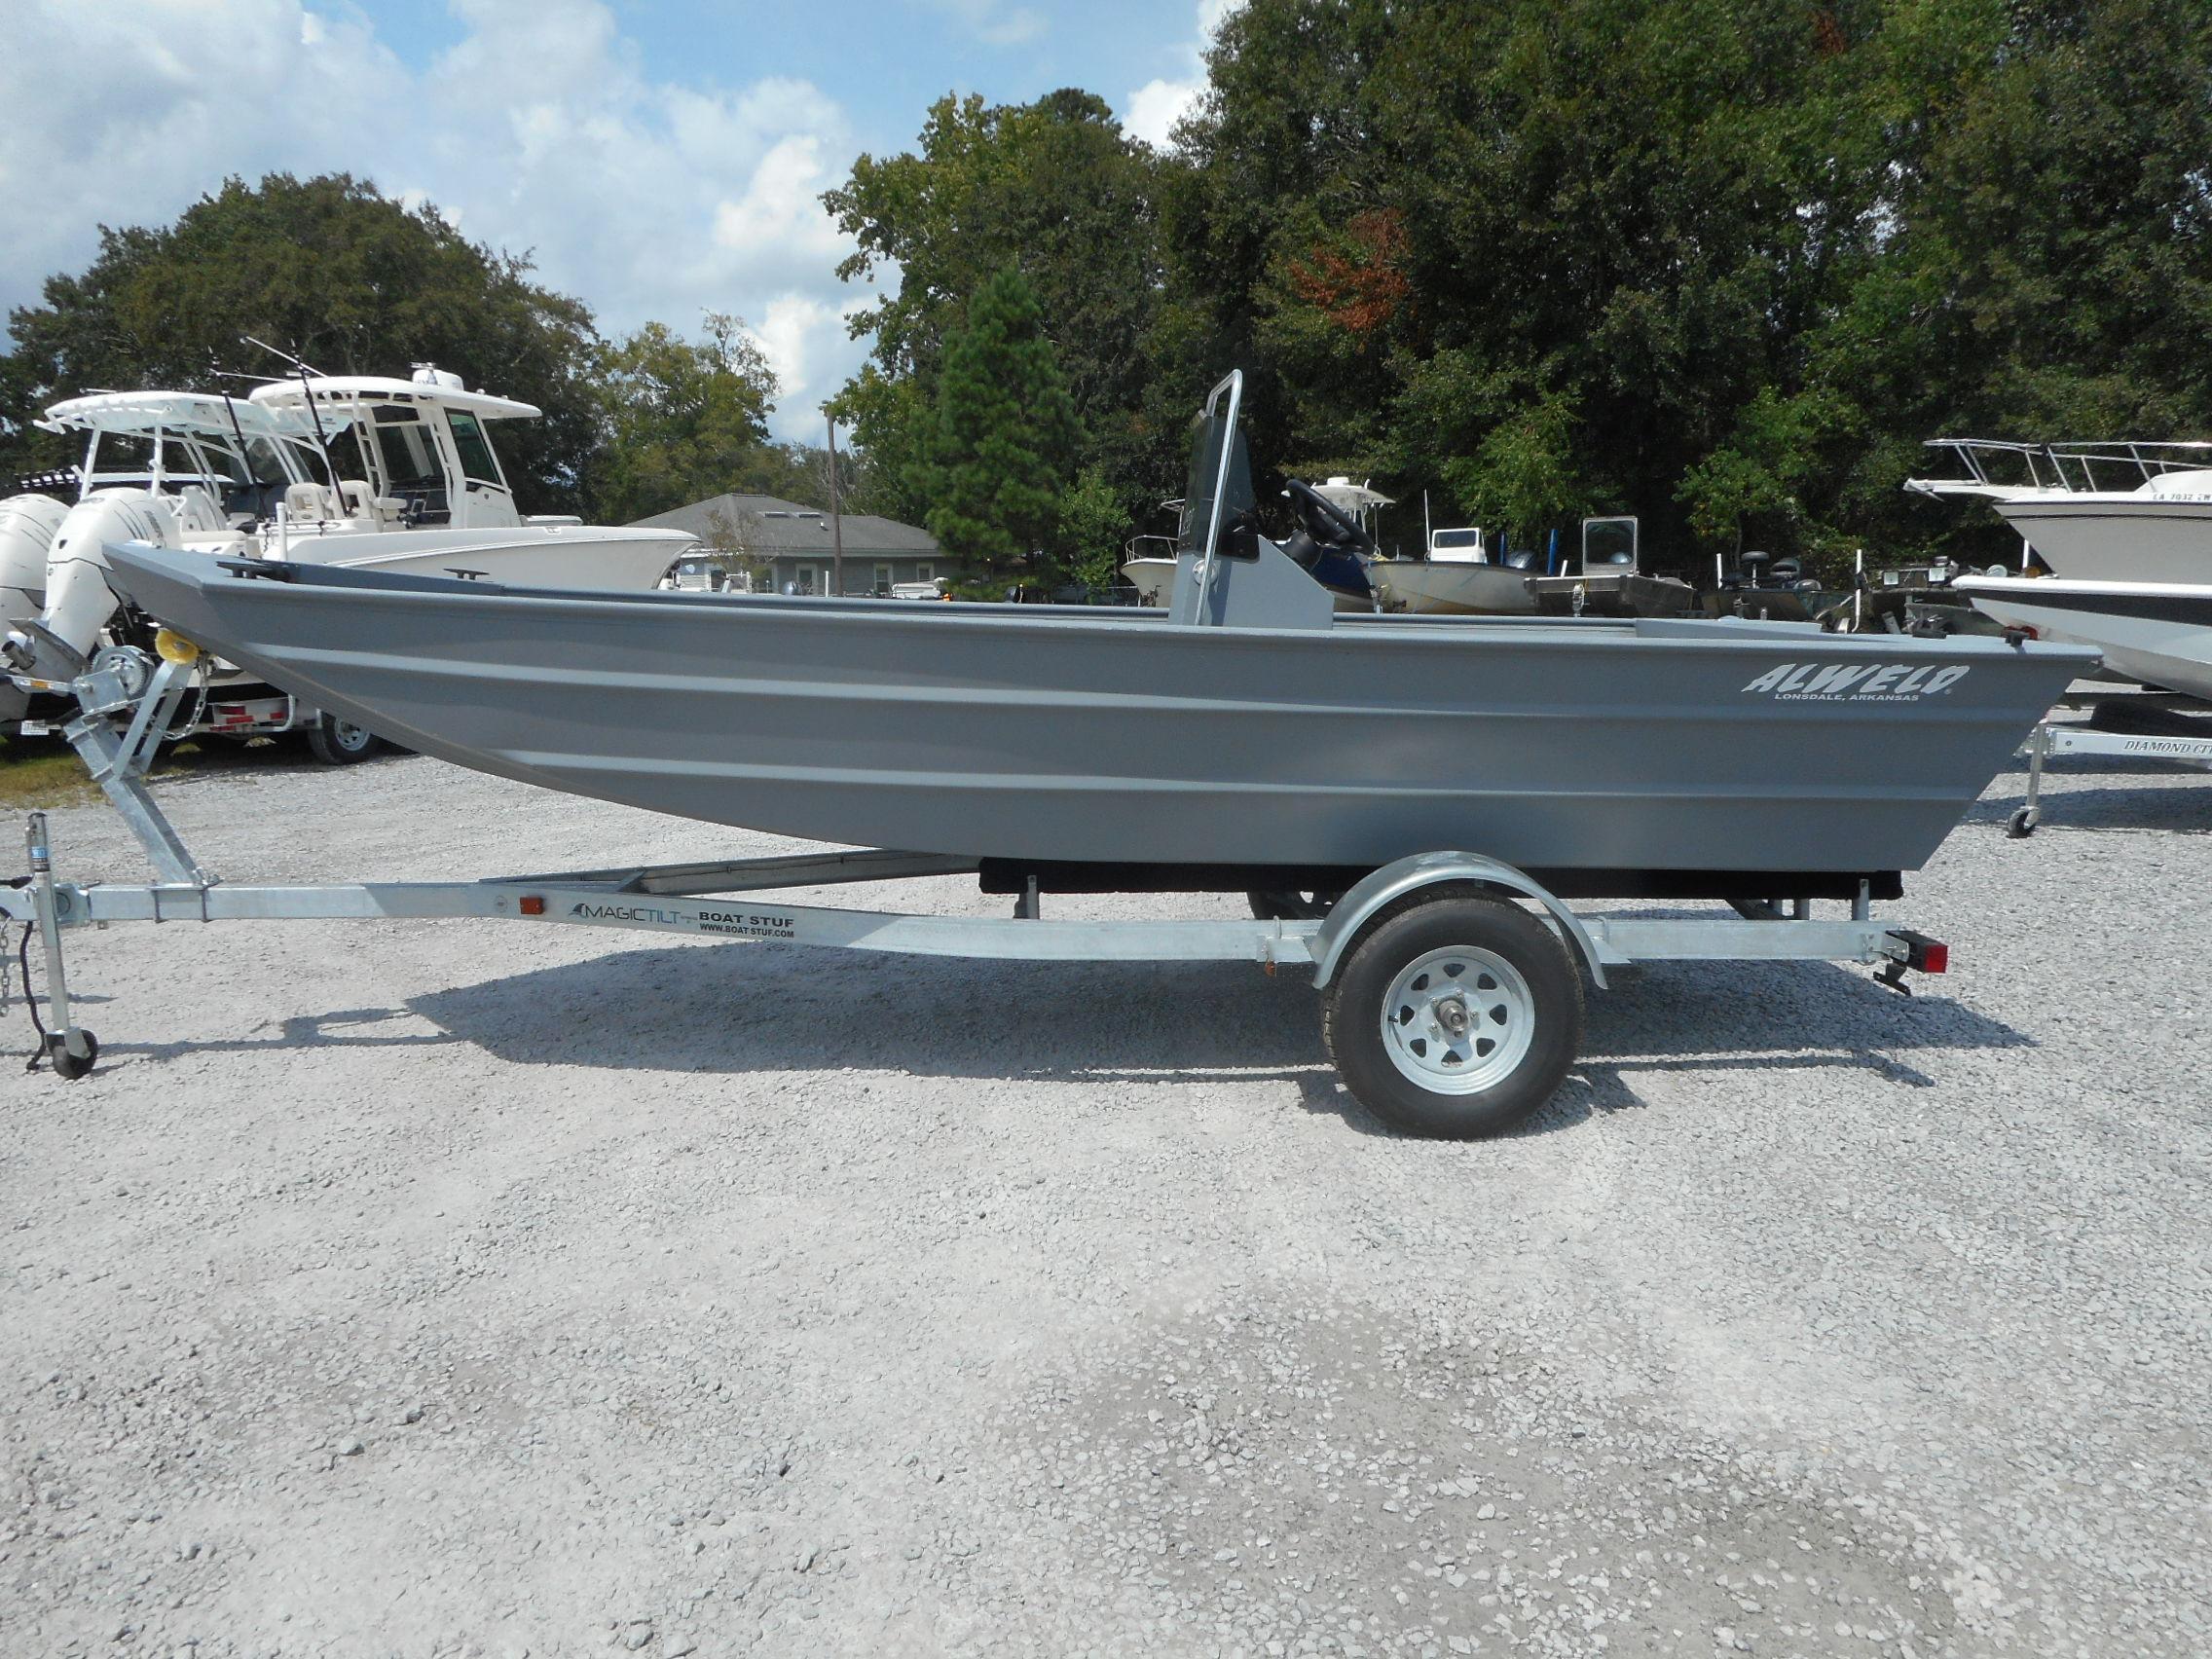 New  2019 18' Alweld 1860VVCC Bay Boat in Slidell, Louisiana